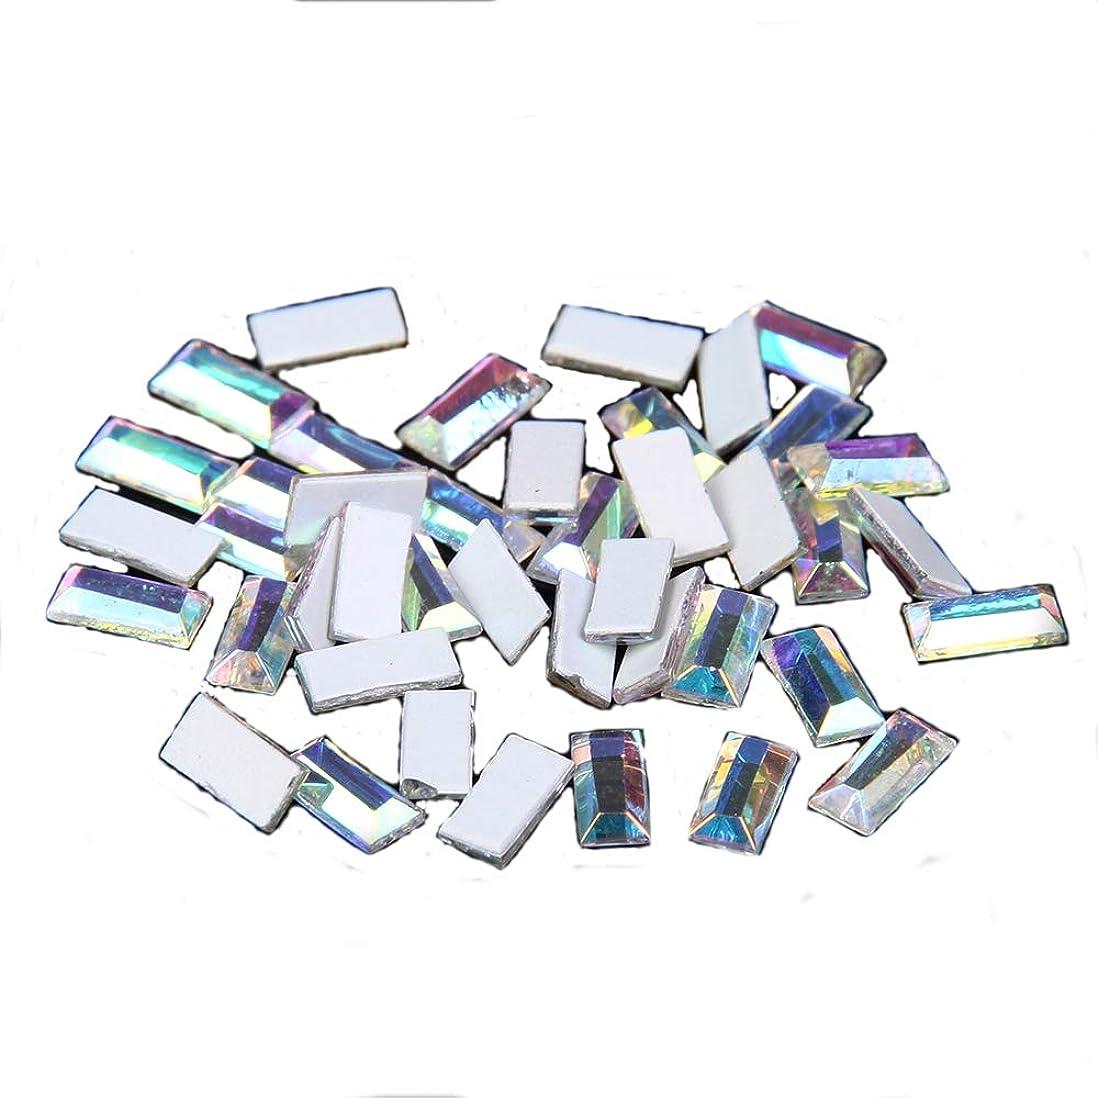 普遍的な長いですクラブNizi ジュエリー ブランド 50粒ガラスネイルアート用品 ネイルステッカー DIY 装飾用 クリスタルオーロラ 多くのスタイル (長方形 5x2.5mm)